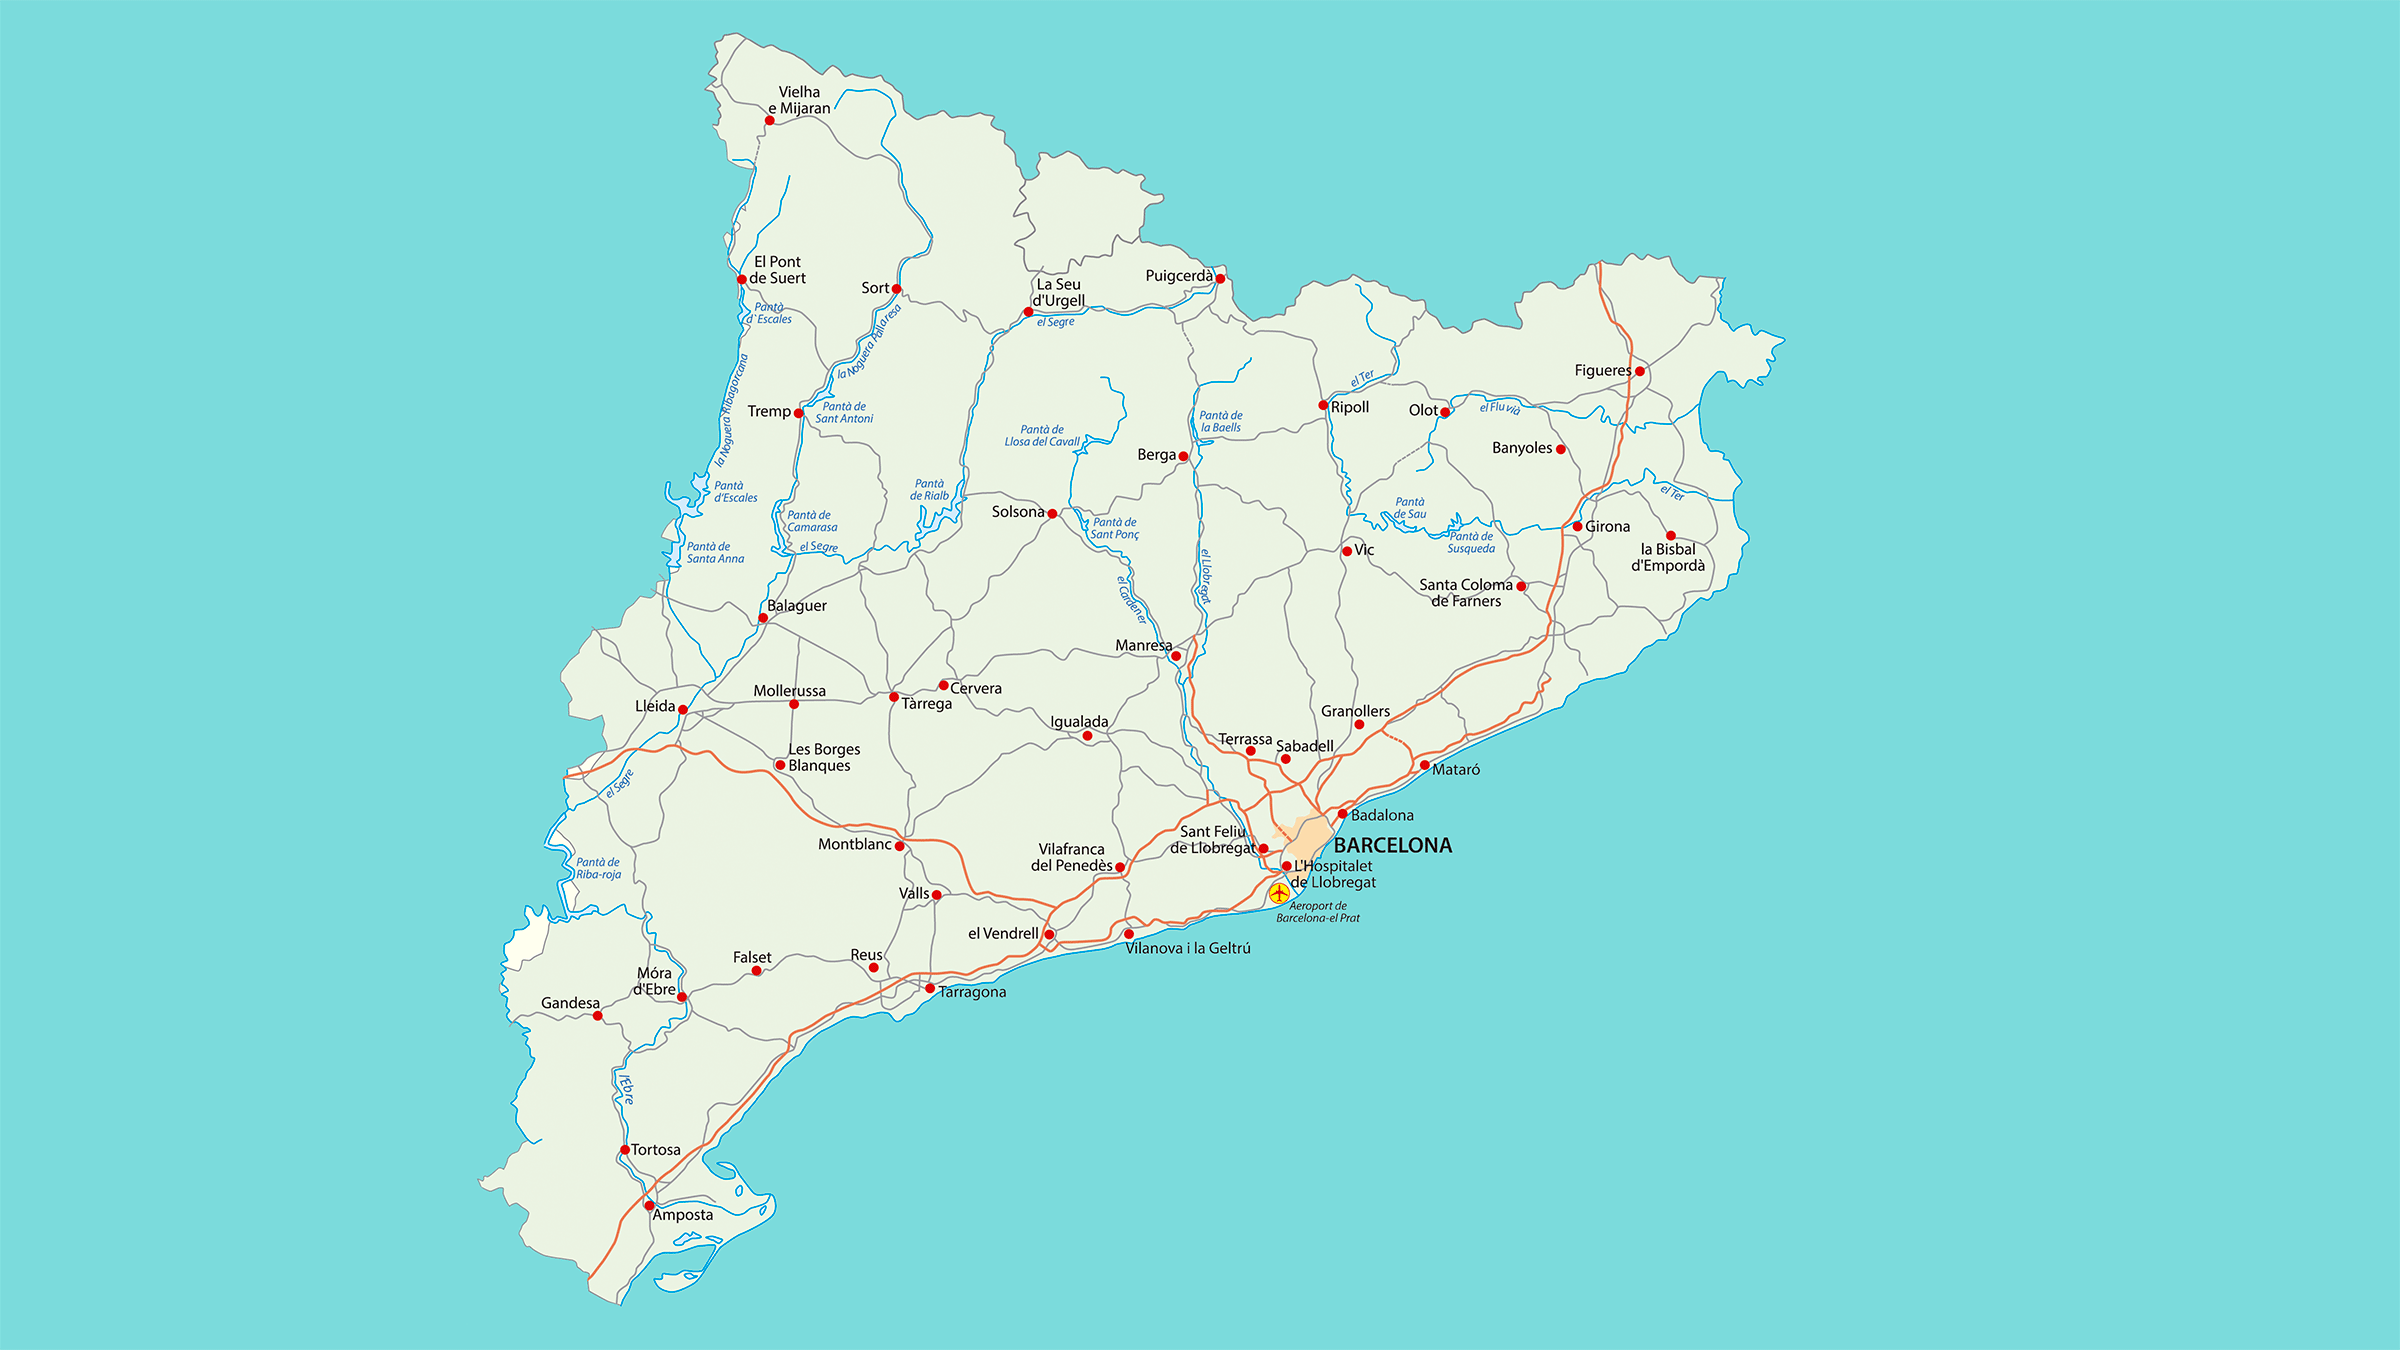 Mapa de Carreteras de Catalunya